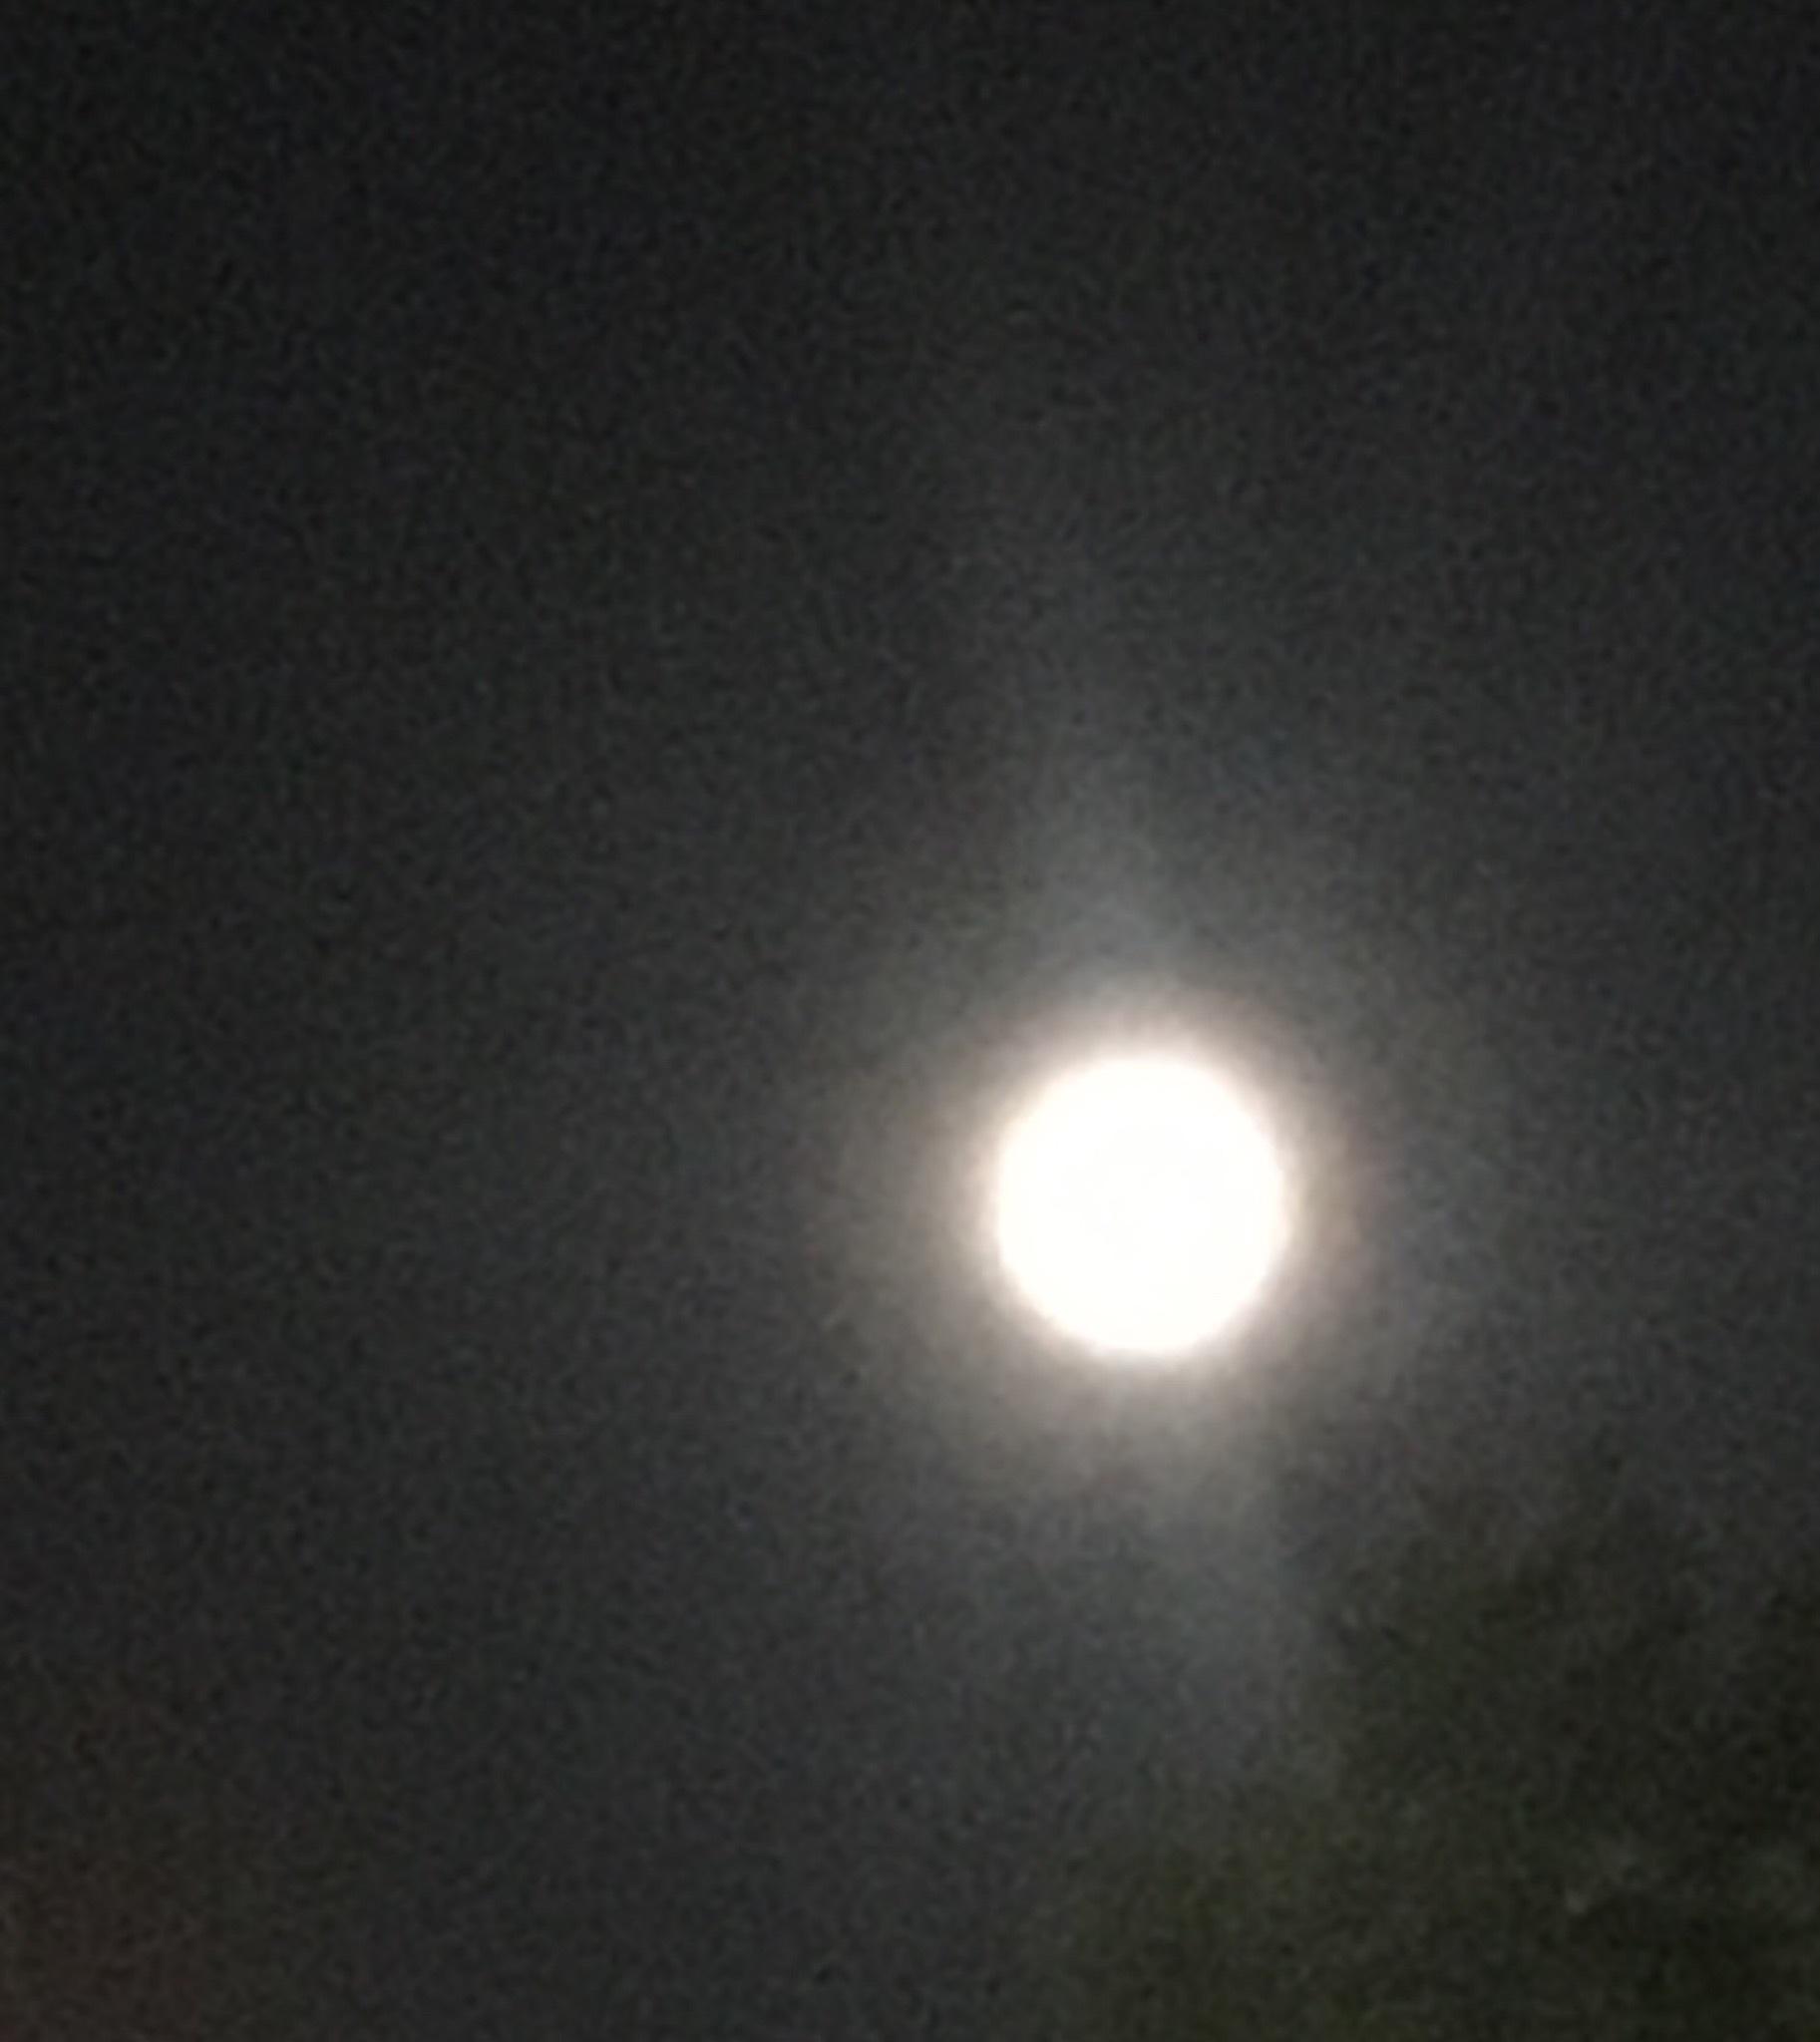 再び、お月様より NO.672_c0102513_15242757.jpeg